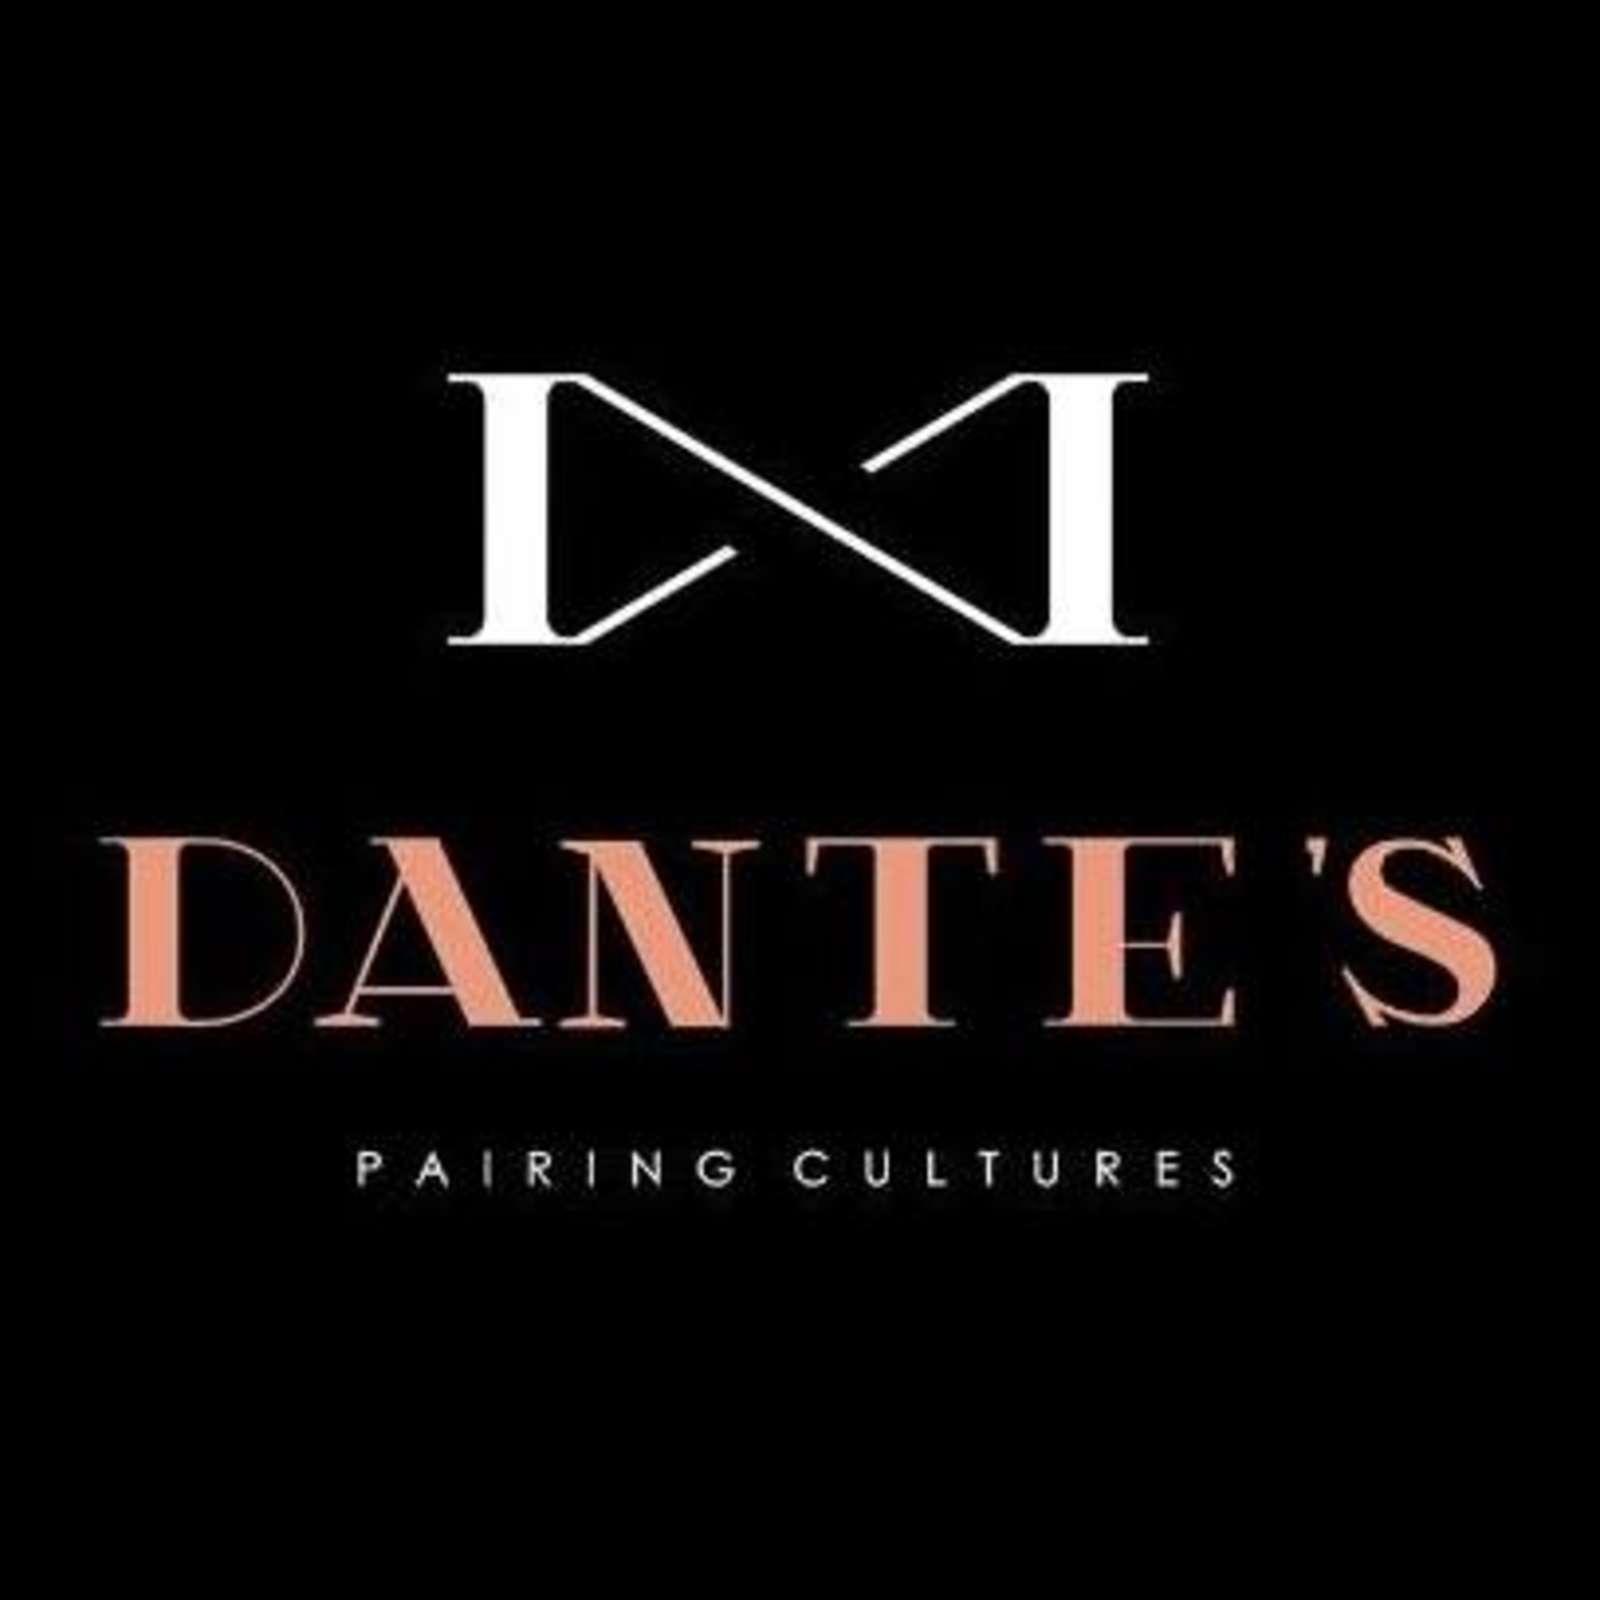 Dante's Pairing Cultures